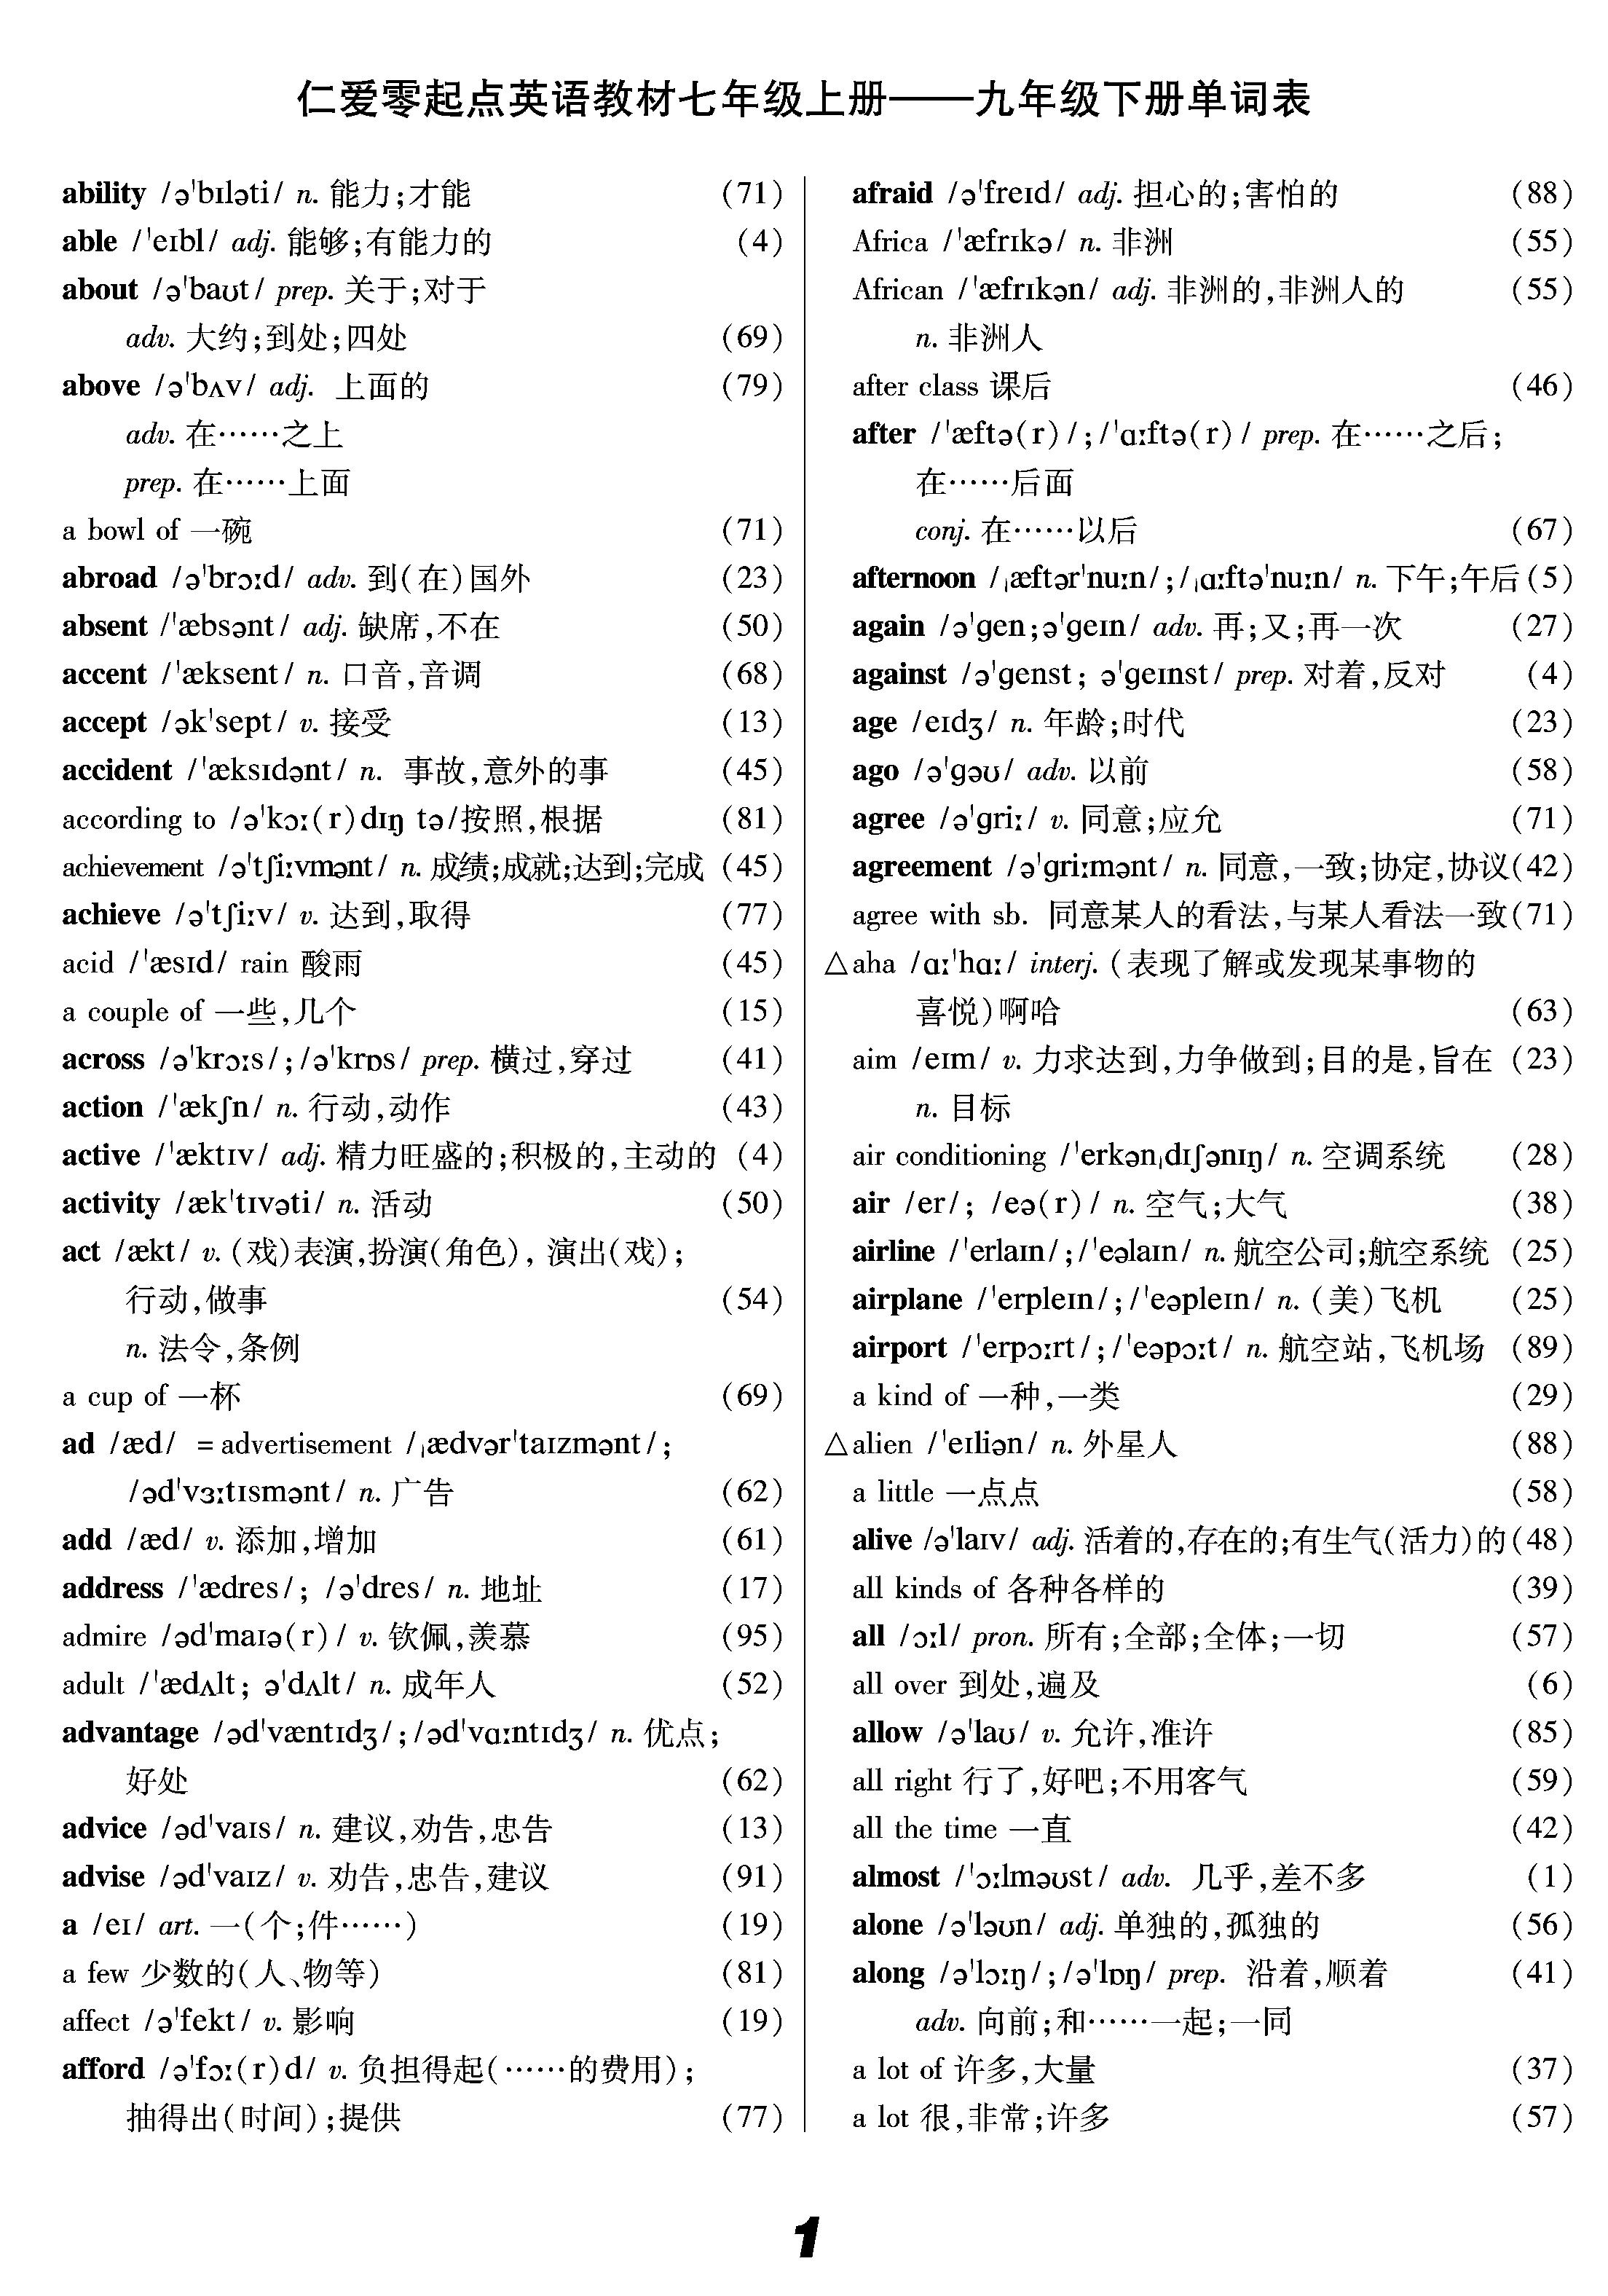 仁爱版英语词汇表(全)